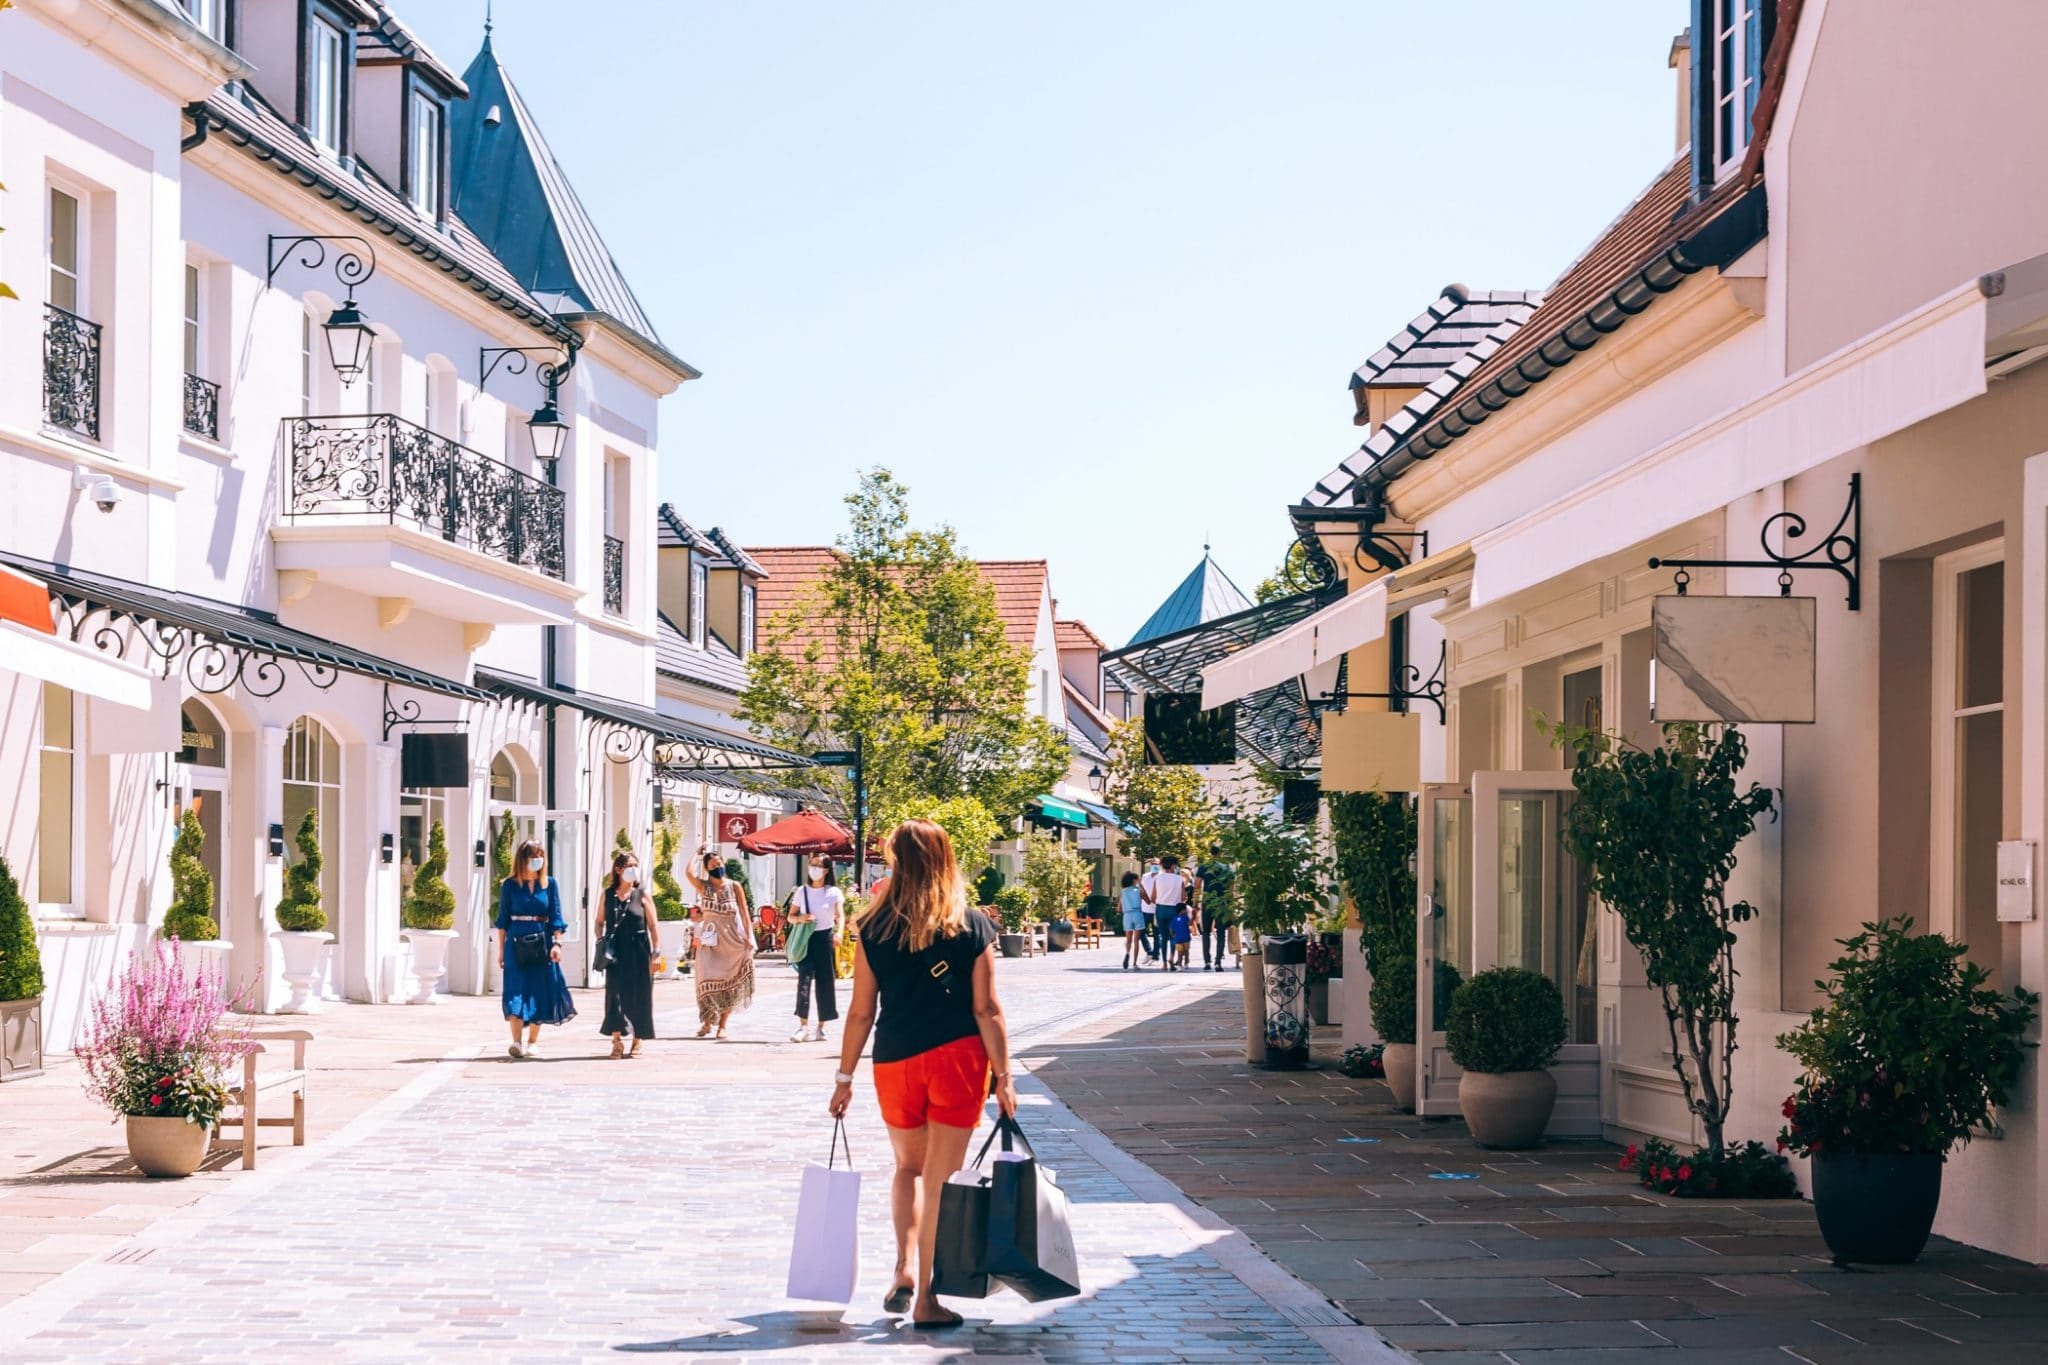 la vallée village paris plein air shopping bon plan